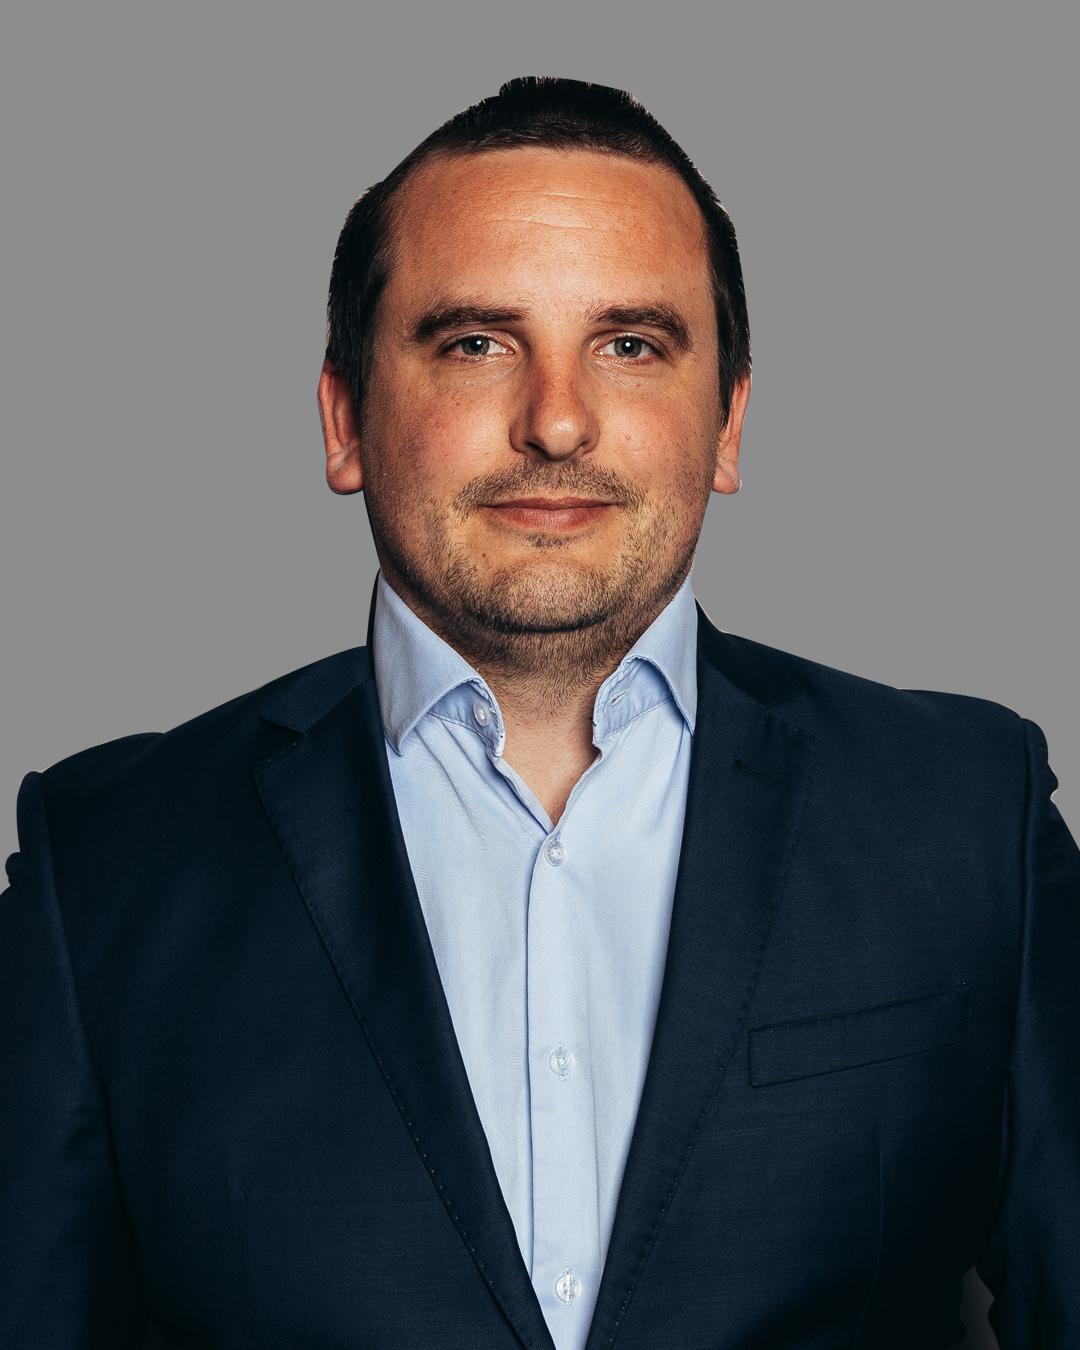 Brendan Hoogenbosch